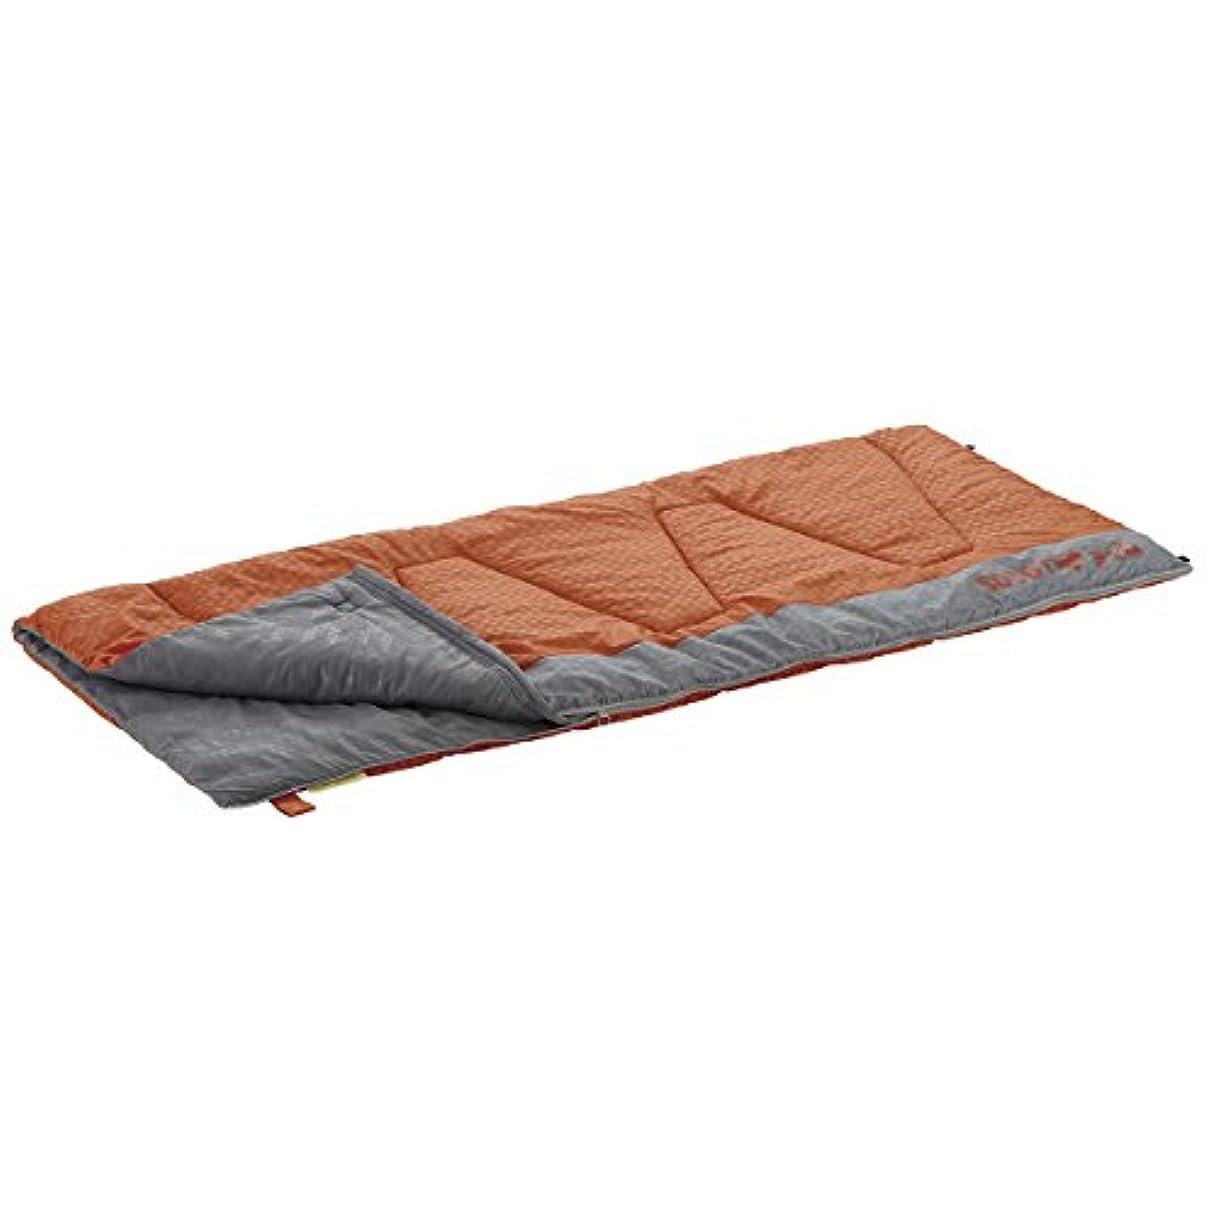 恐ろしい失礼な十代の若者たちロゴス 寝袋 丸洗い寝袋ウォーマー?0 (抗菌?防臭)[最低使用温度0度] 72600660